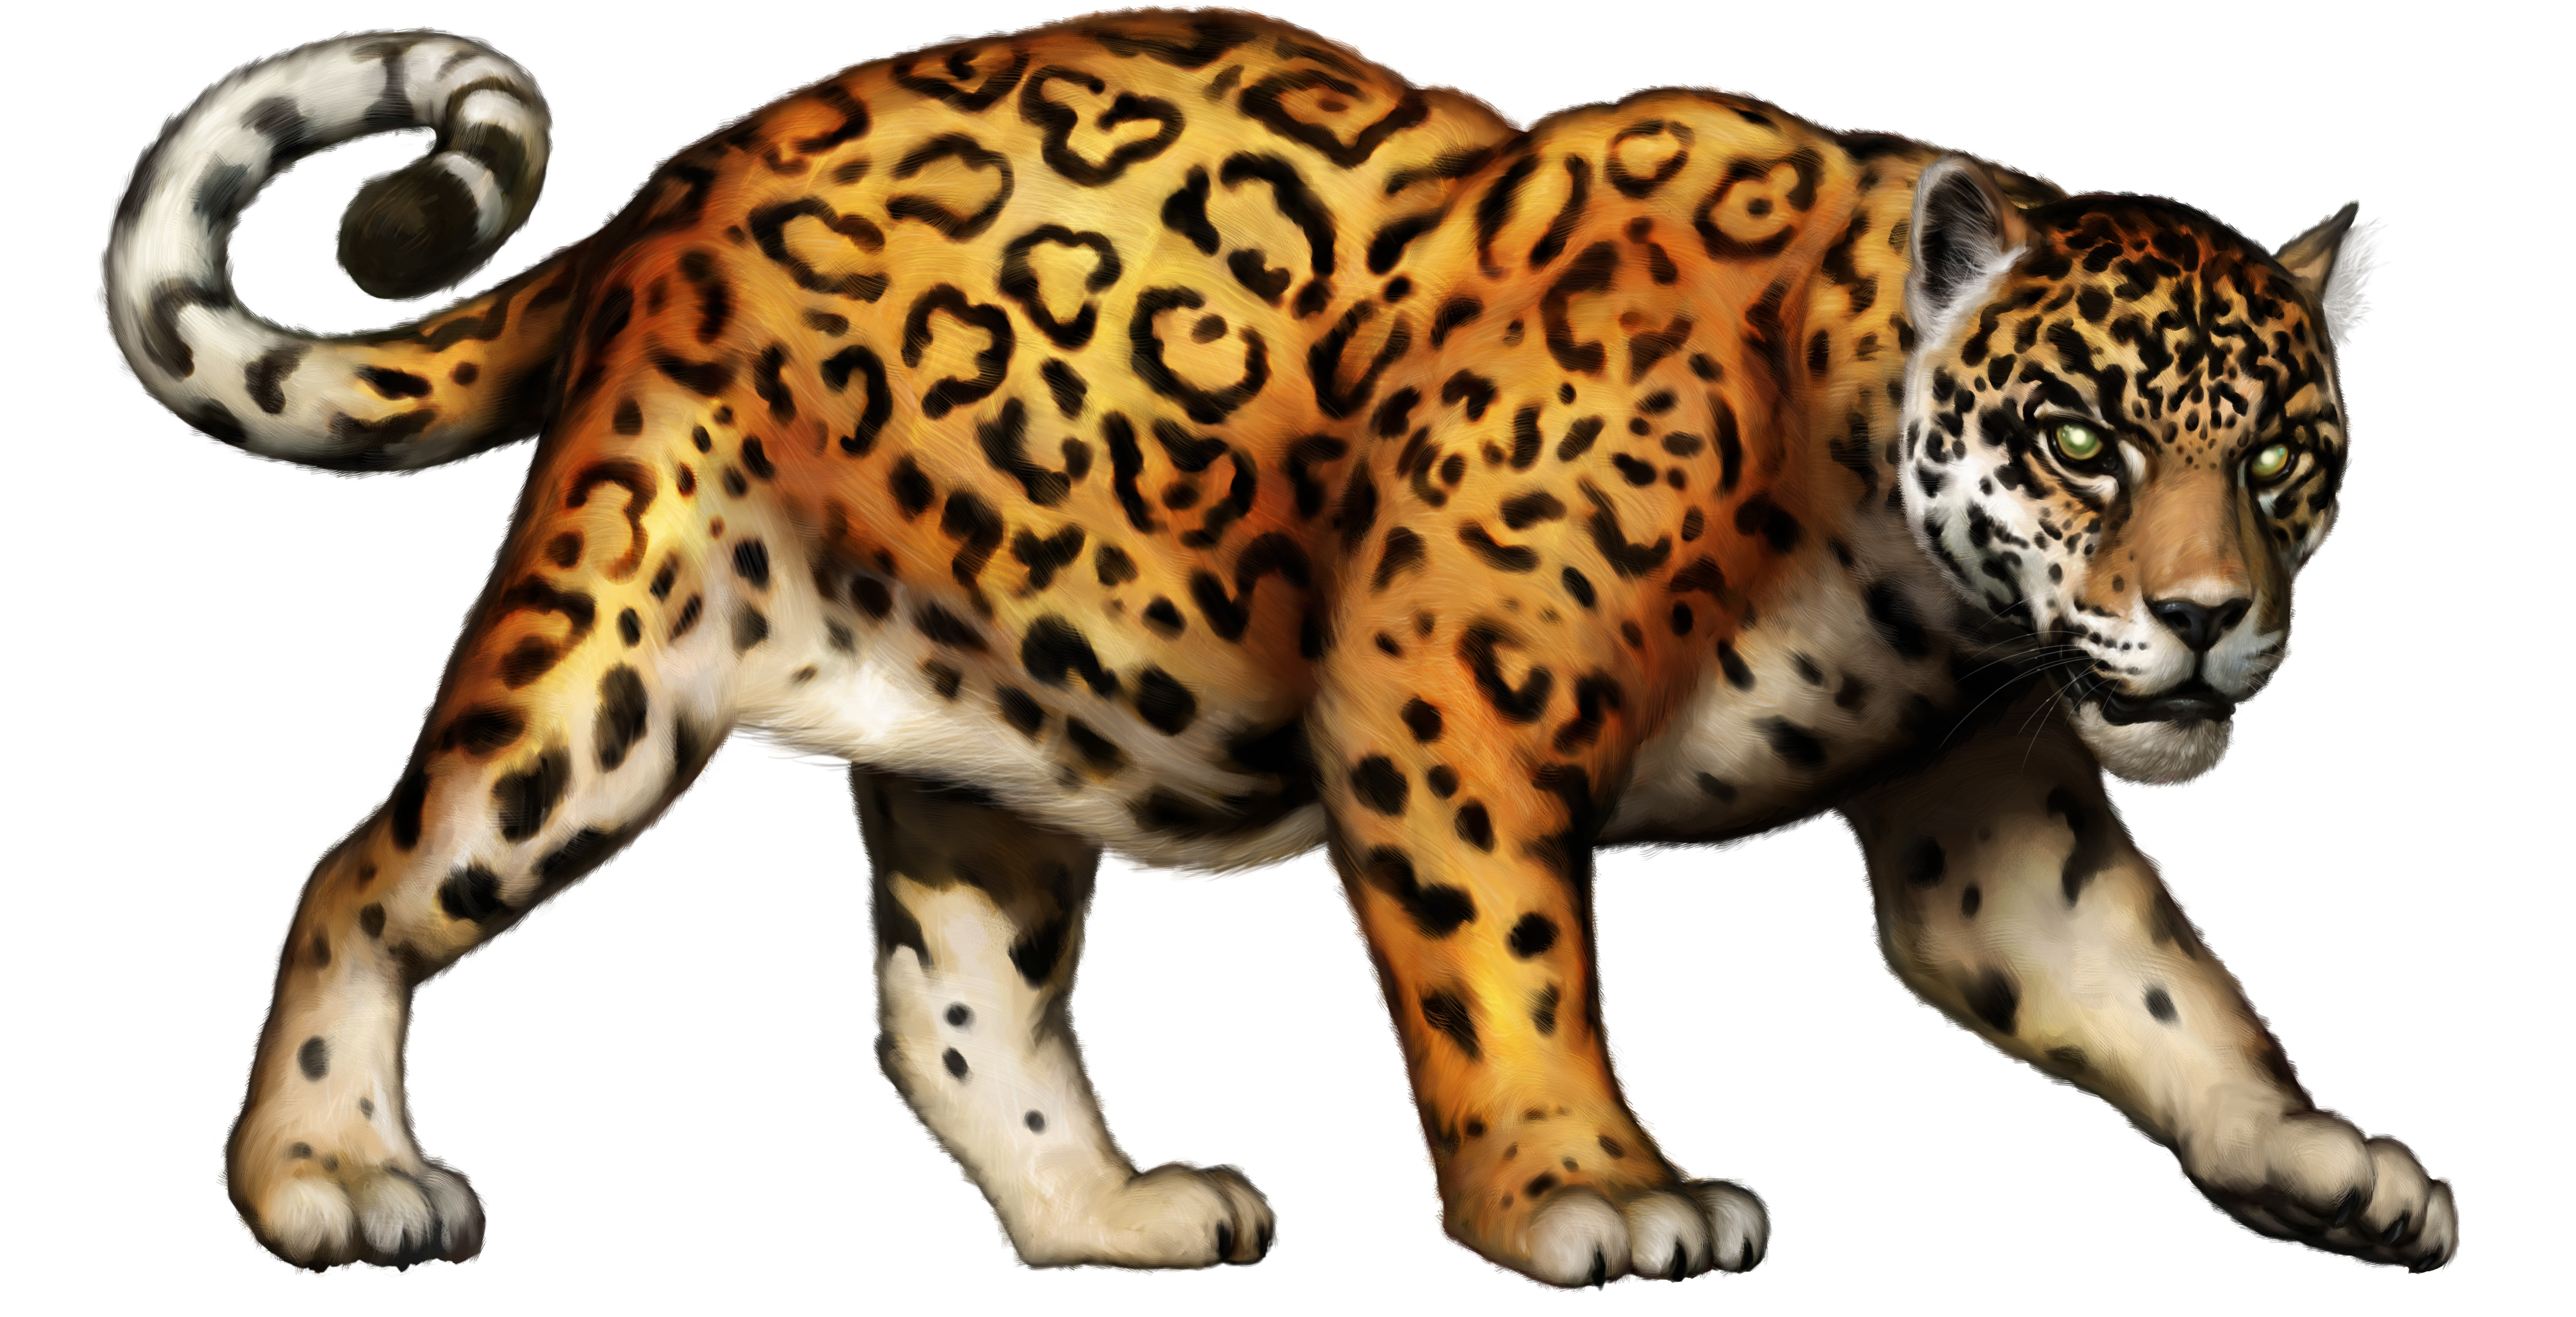 Free jaguar clip art big cat clipart ima-Free jaguar clip art big cat clipart image-9